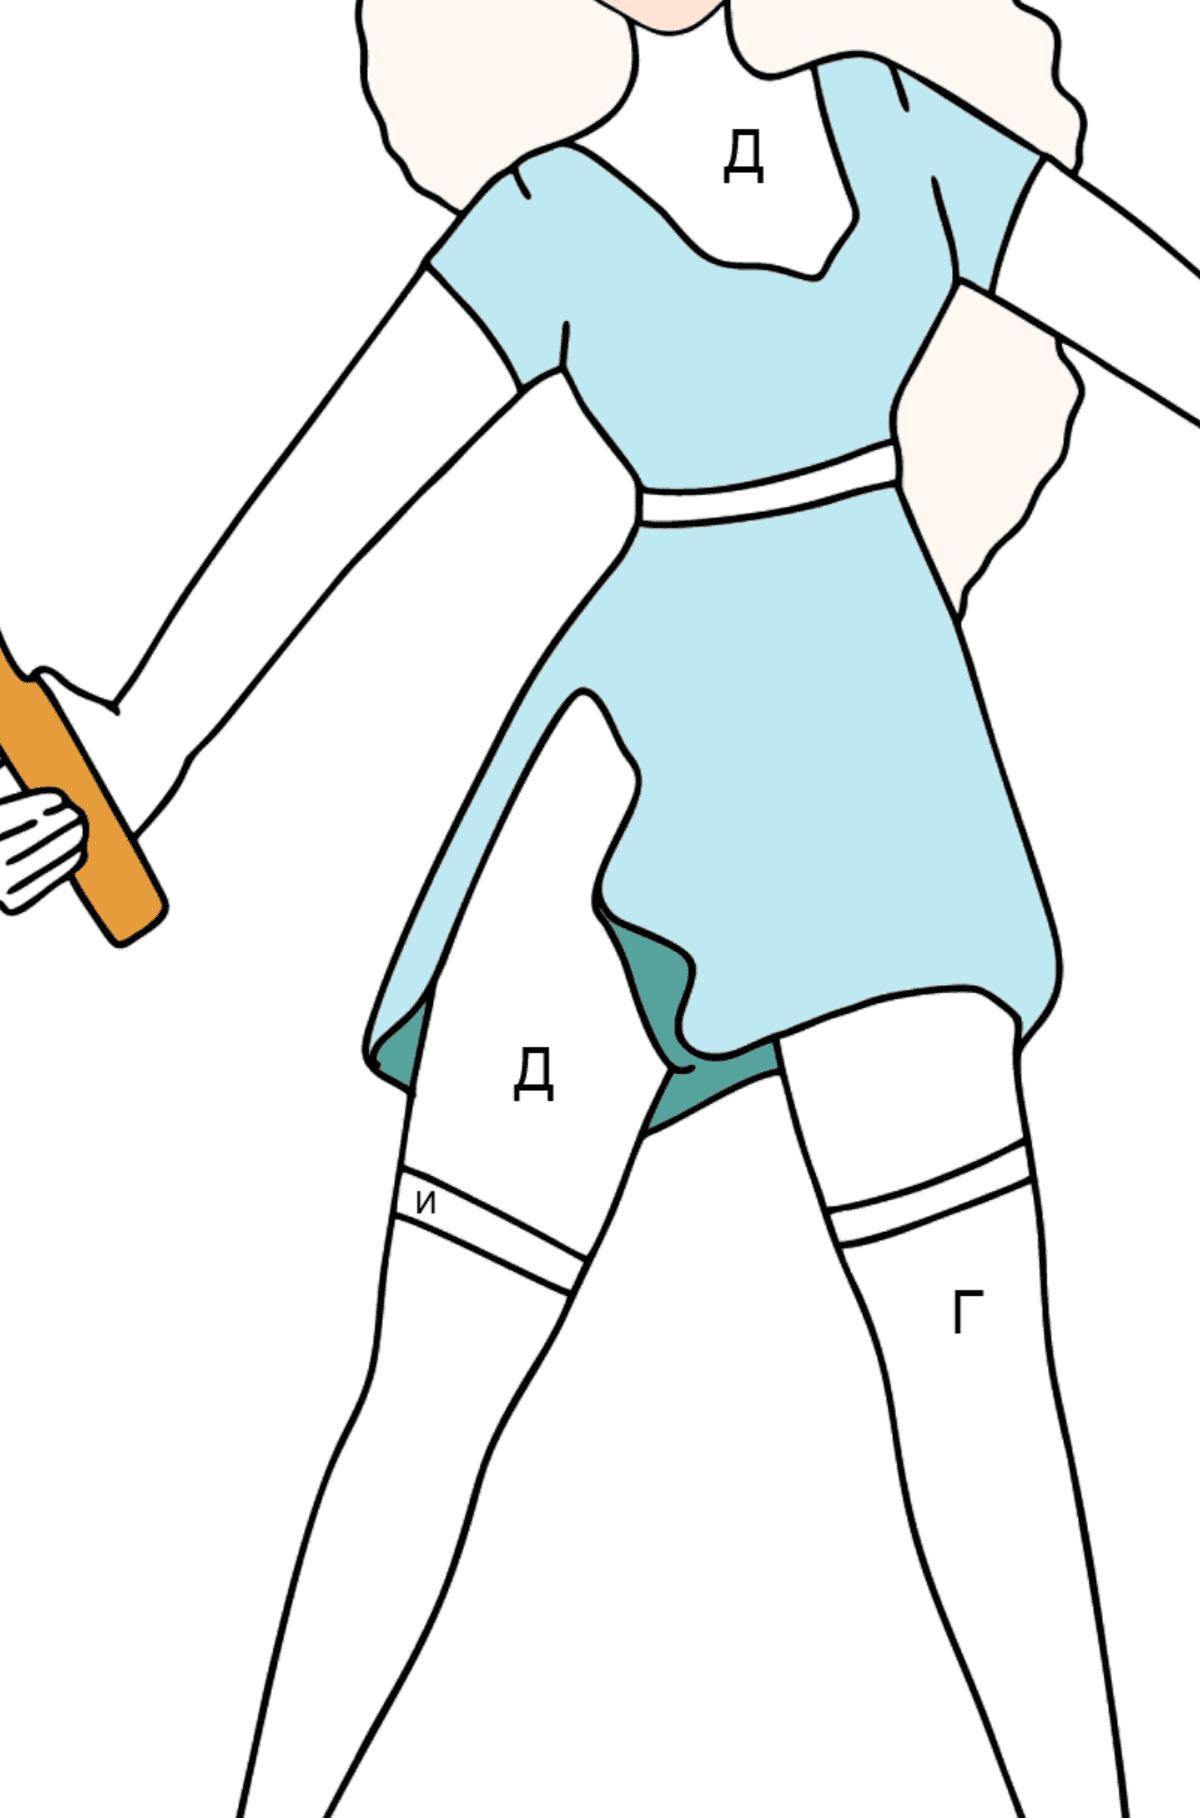 Раскраска кукла Барби играет в теннис - Раскраска по Буквам для Детей